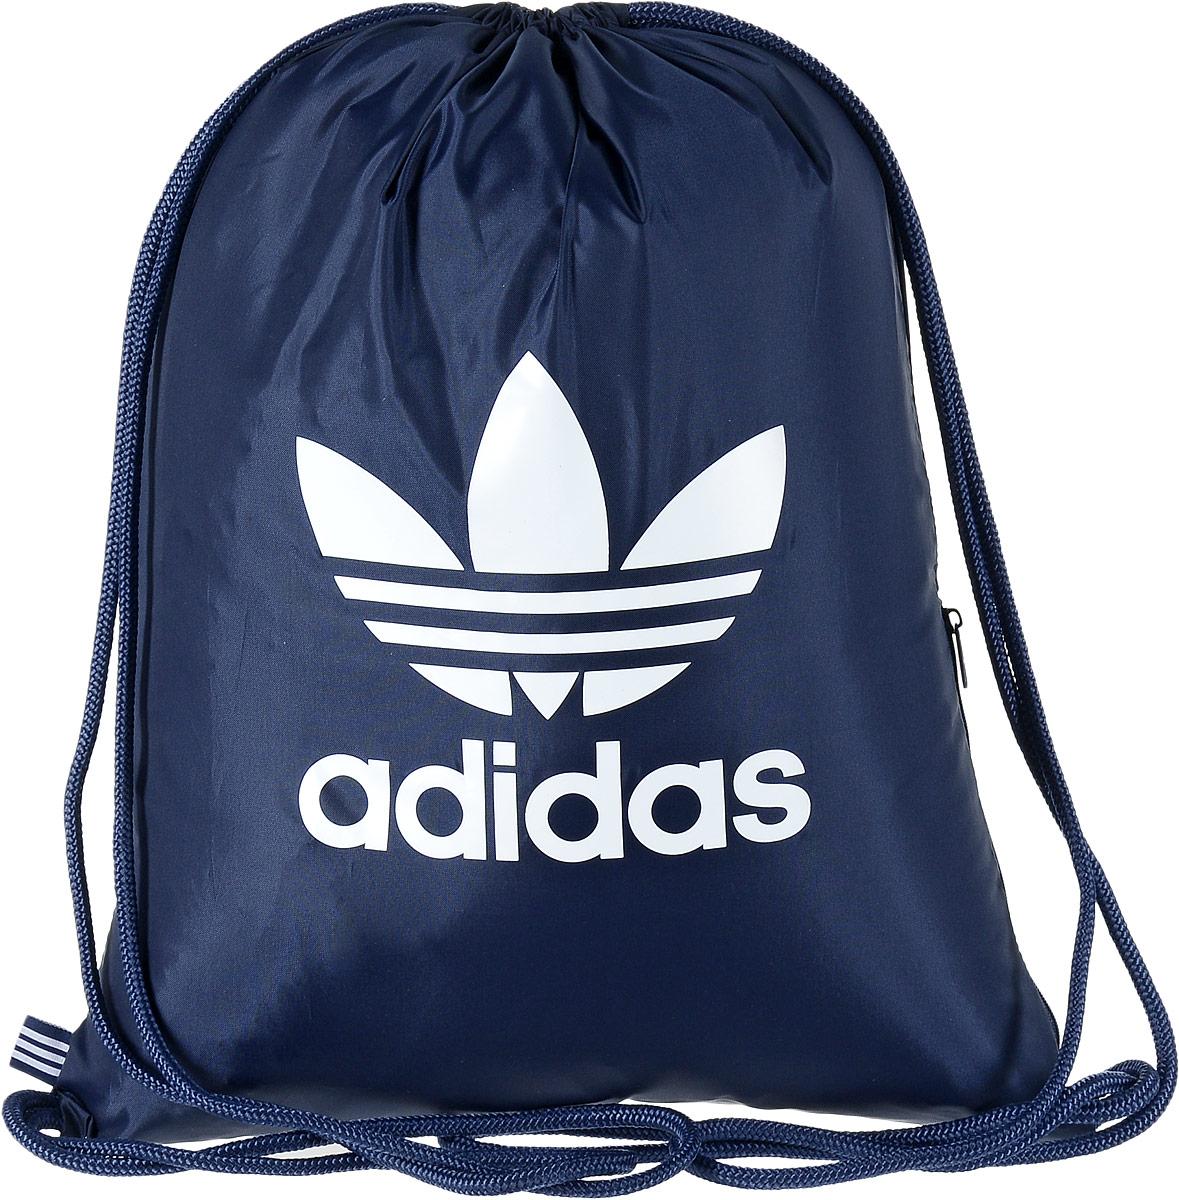 Рюкзак спортивный Adidas Trefoil, цвет: темно-синий, 23 л. BK6727BK6727Стильный спортивный рюкзак Adidas Trefoil выполнен из полиэстера и оформлен символикой бренда. Изделие имеет одно основное отделение, которое закрывается с помощью затягивающего шнурка. С внутренней стороны изделие оснащено удобной ручкой для переноски. Снаружи, с одной из боковых сторон находится прорезной карман на застежке-молнии. Веревочные завязки можно использовать как наплечные лямки. Стильный и функциональный рюкзак поместит все необходимое.